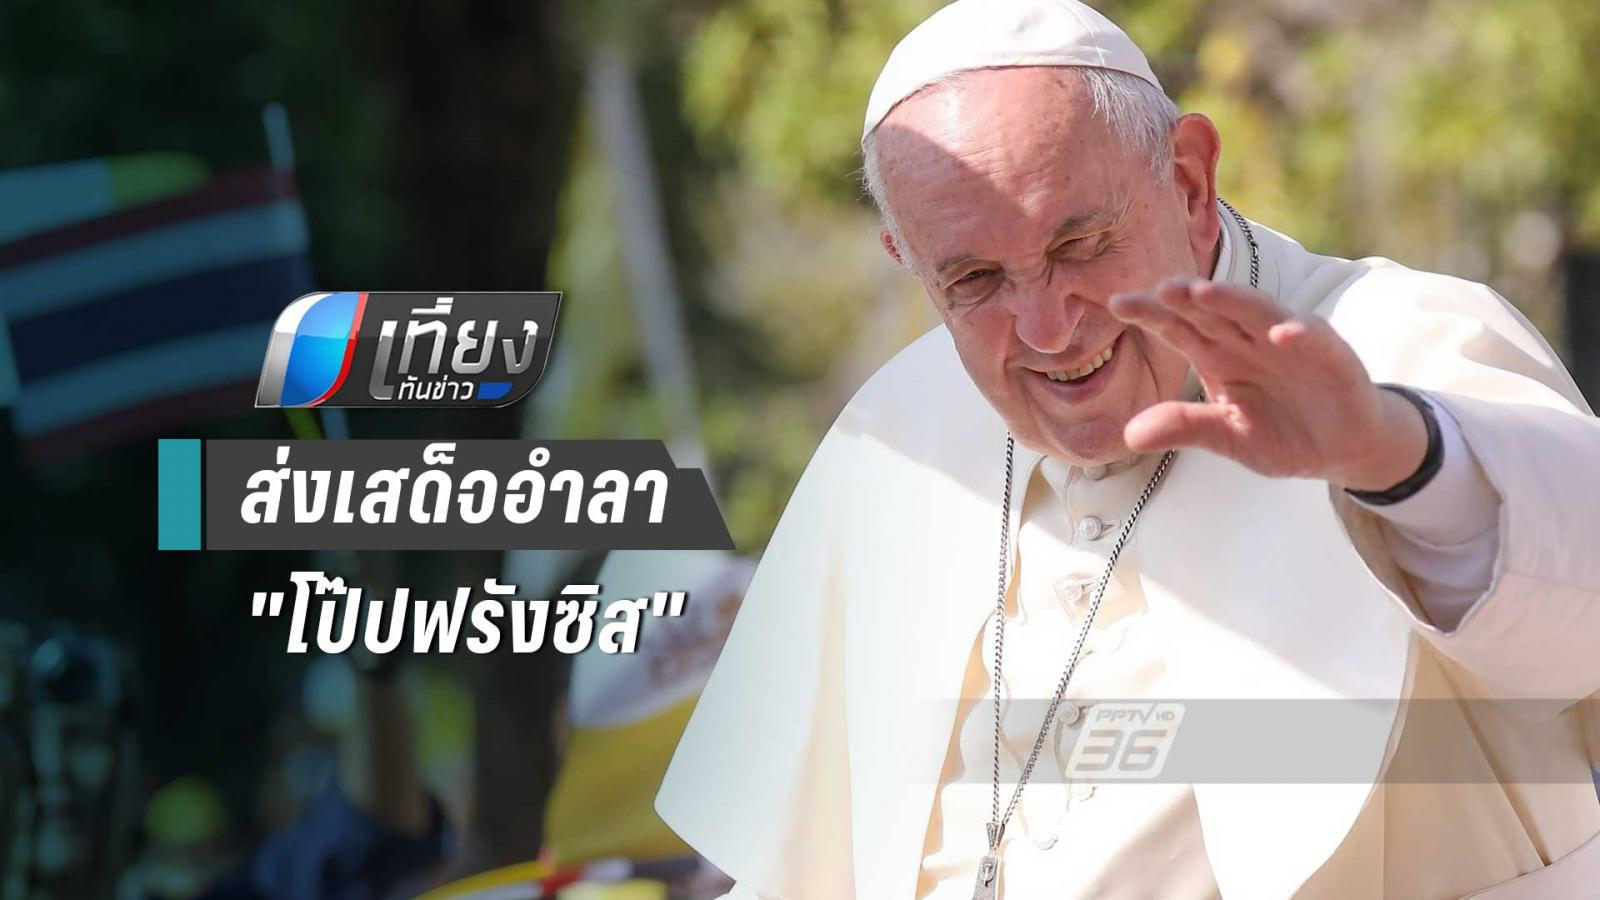 """ชาวไทยร่วมส่งเสด็จ """"โป๊ปฟรังซิส"""" หลังเสร็จสิ้นภารกิจเยือนไทย"""